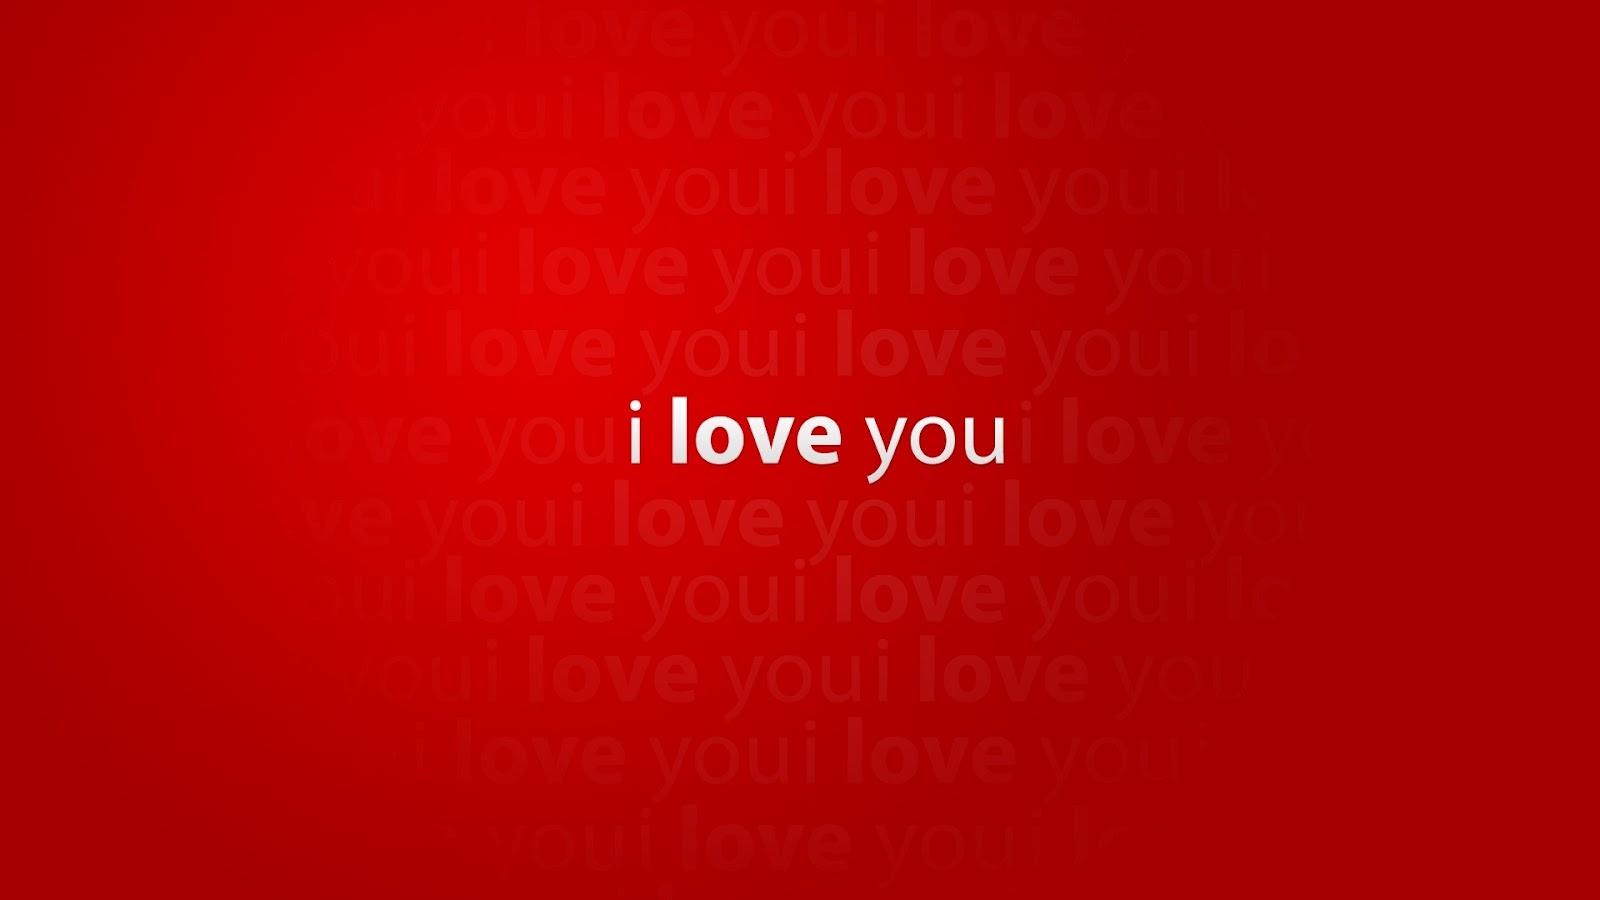 http://2.bp.blogspot.com/-W10kQcOphtw/T-I_ZFsBqyI/AAAAAAAAENU/mNa2zTF-lZg/s1600/I%27m+In+Love+Wallpaper+2.jpg